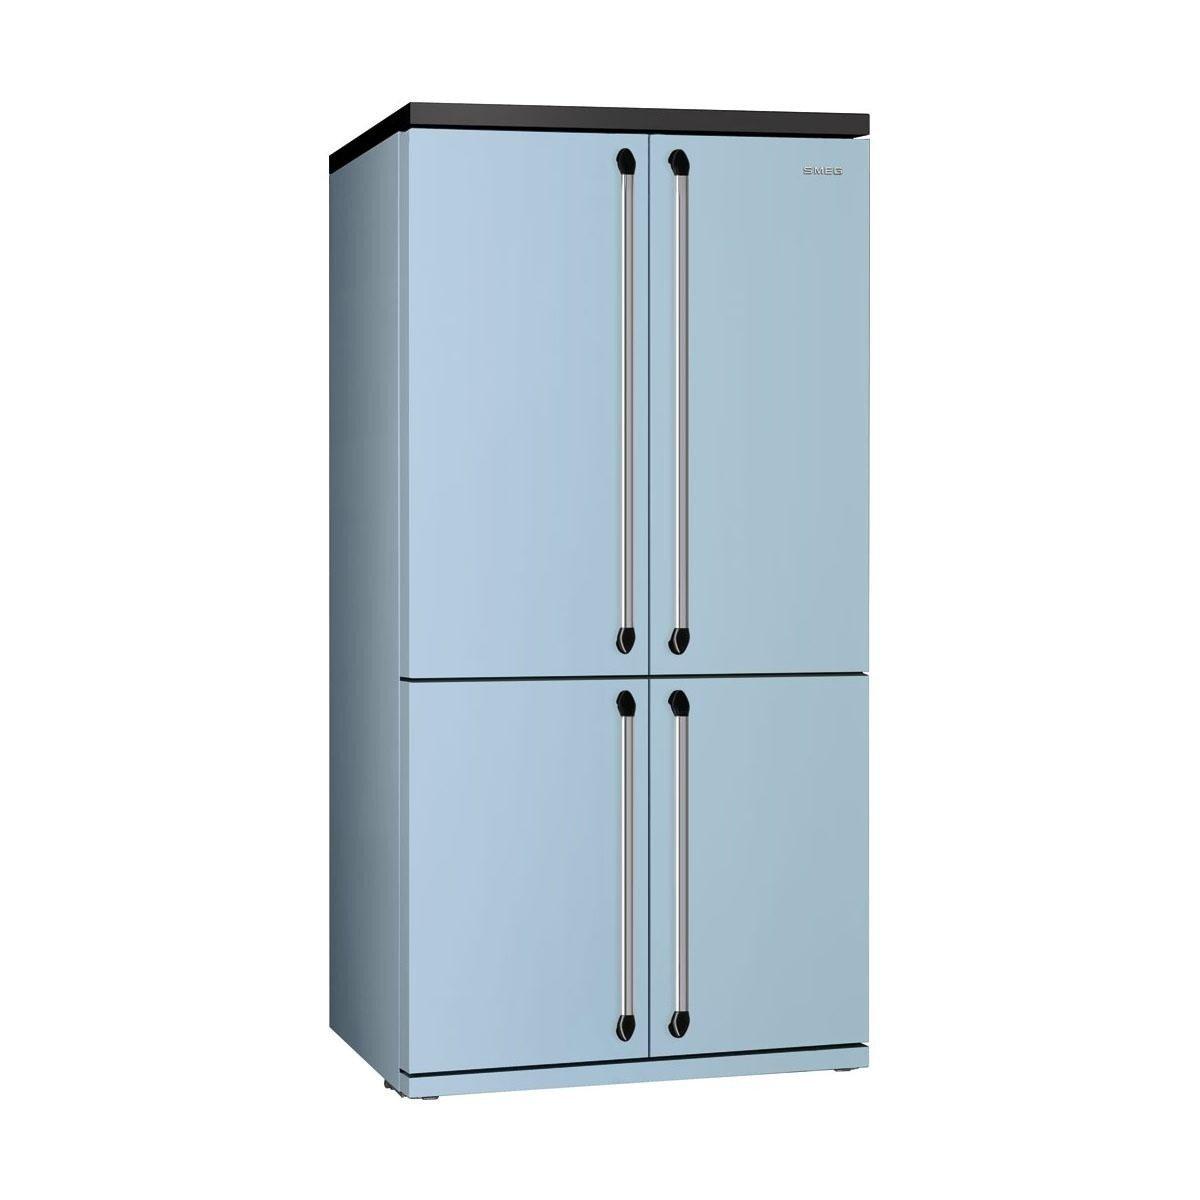 smeg fq960pb side by side refrigerator ambientedirect. Black Bedroom Furniture Sets. Home Design Ideas